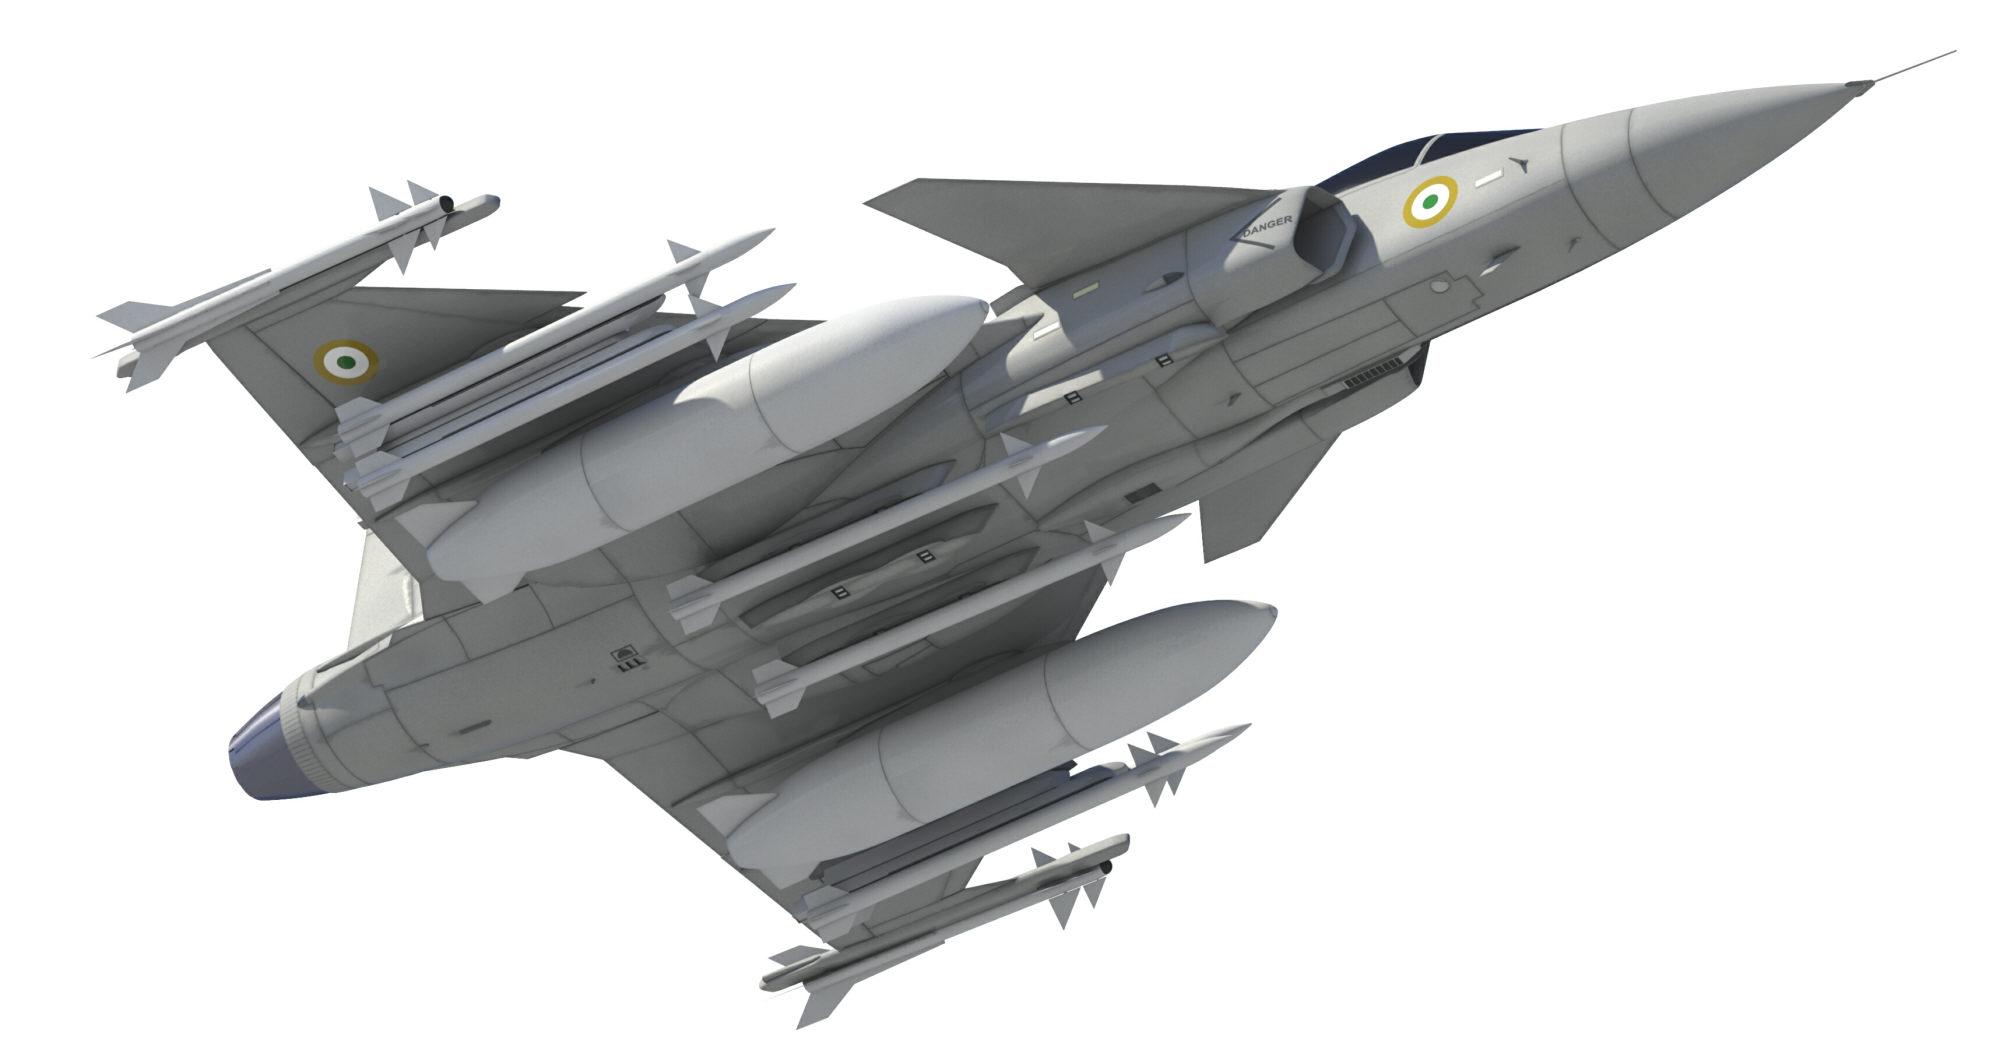 https://i0.wp.com/www.aereo.jor.br/wp-content/uploads/2010/07/Gripen-NG-3.jpg